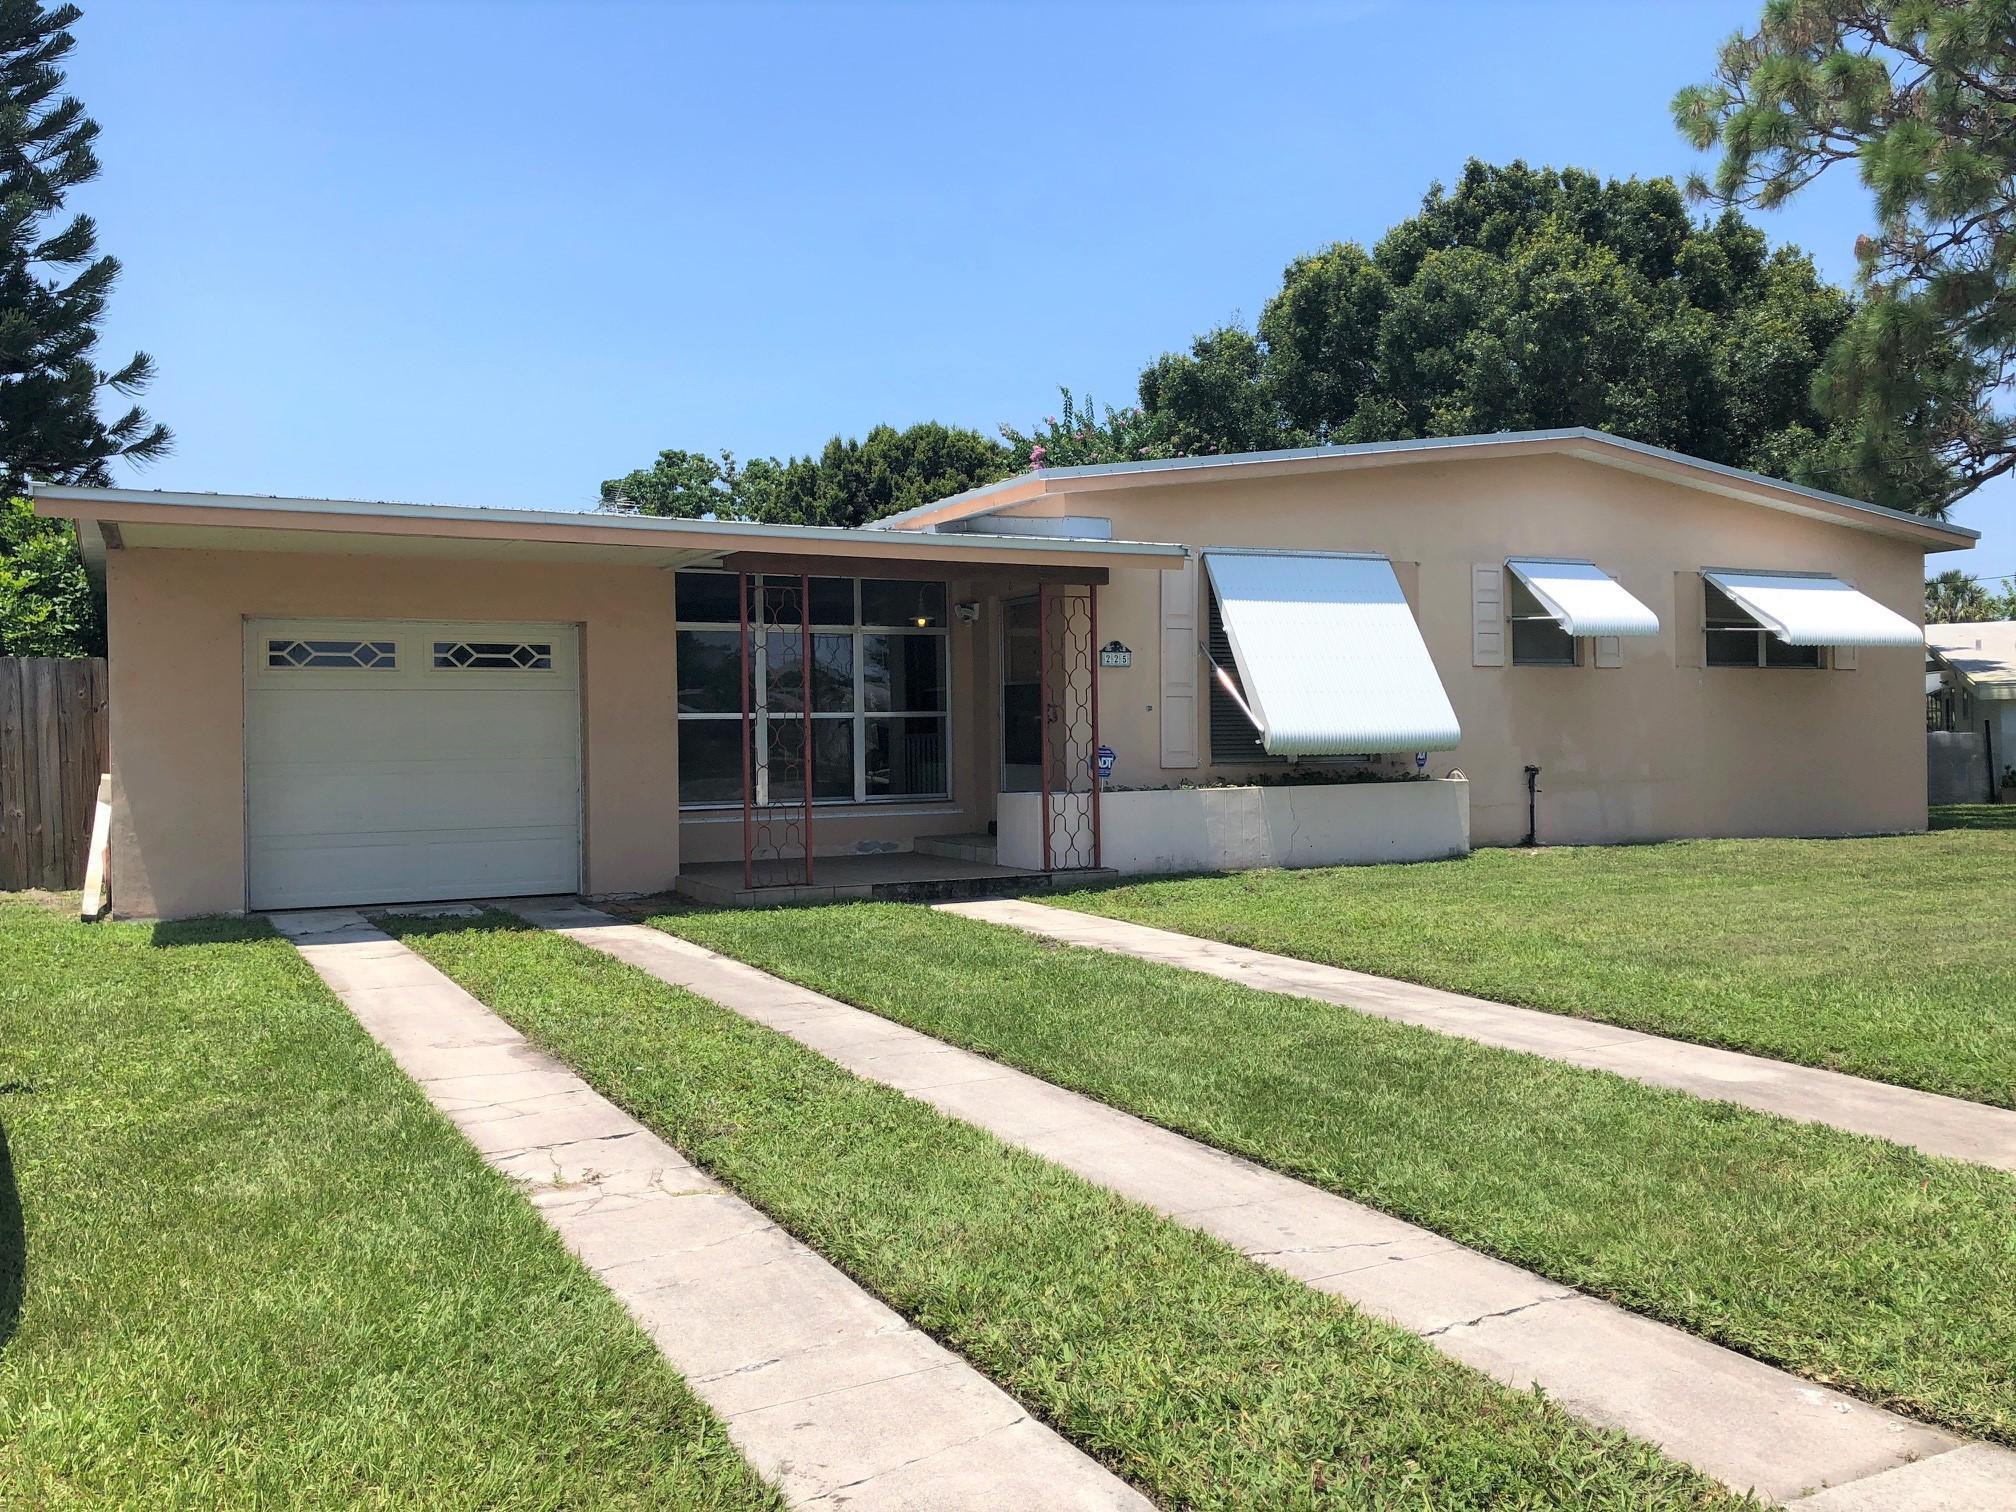 225 NE Prima Vista, Port Saint Lucie, Florida 34983